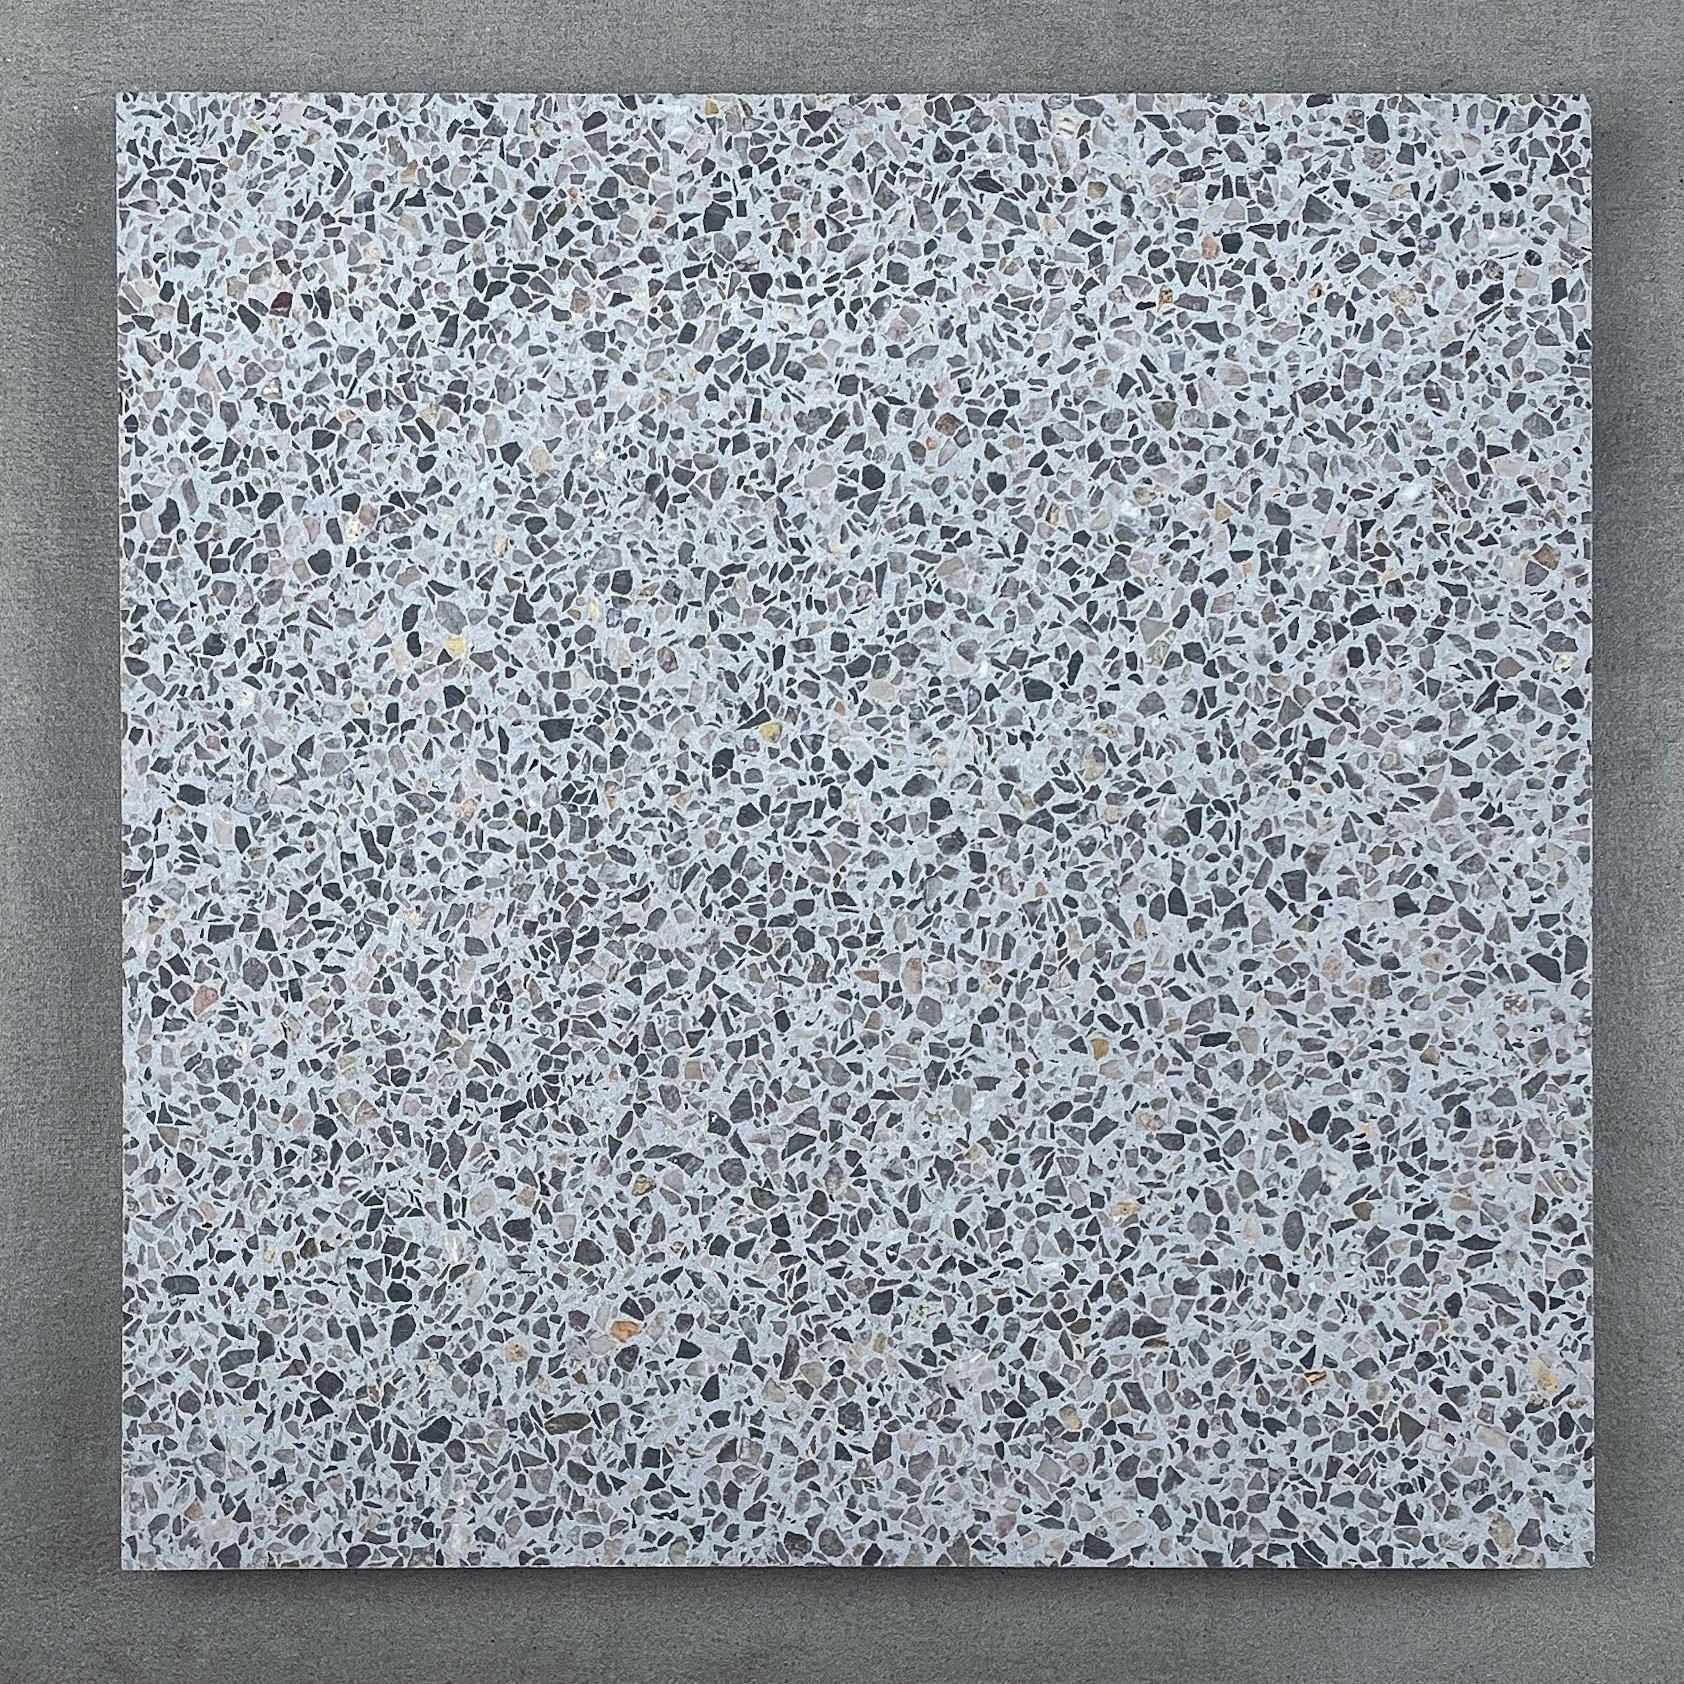 Rieti Terrazzo Tiles